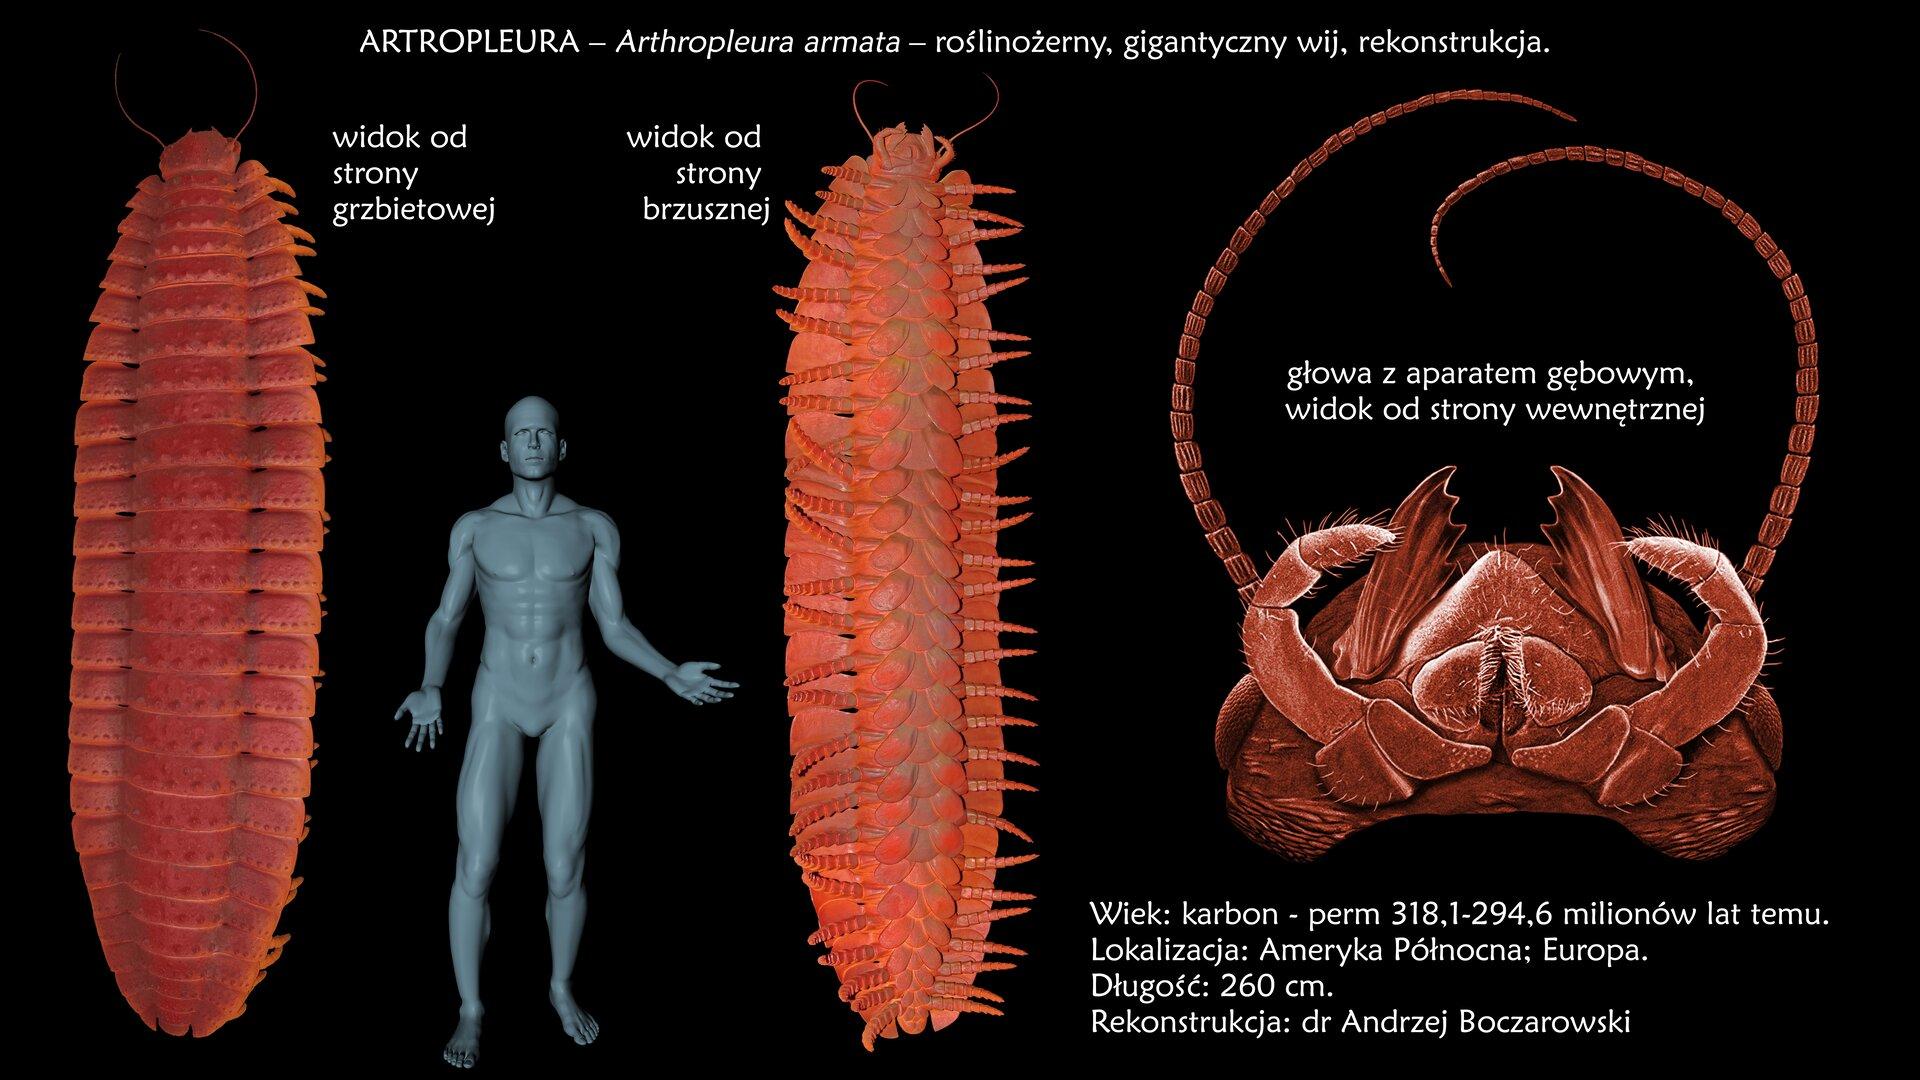 Rysunek przedstawiający wymarłe zwierzę zgrupy pierścienic – artropleurę. Po lewej stronie widać zwierzę od góry. Jest ustawione pionowo. Widać ciało podzielone wpoprzek na liczne segmenty. Spod każdego segmentu wystaje para odnóży. Na prawo od zwierzęcia znajduje się szara sylwetka dorosłego człowieka wcelu porównania wielkości. Na prawo od sylwetki człowieka znajduje się artropleura widoczna od spodu. Widać, że zkażdego segmentu wyrasta po jednej parze odnóży oraz skrzela przypominające wyglądem pióra. Zprawej strony ilustracji widać przednią część ciała zwierzęcia. Znajdują się na niej długie wyrostki oraz czarne plamki, są to oczy.